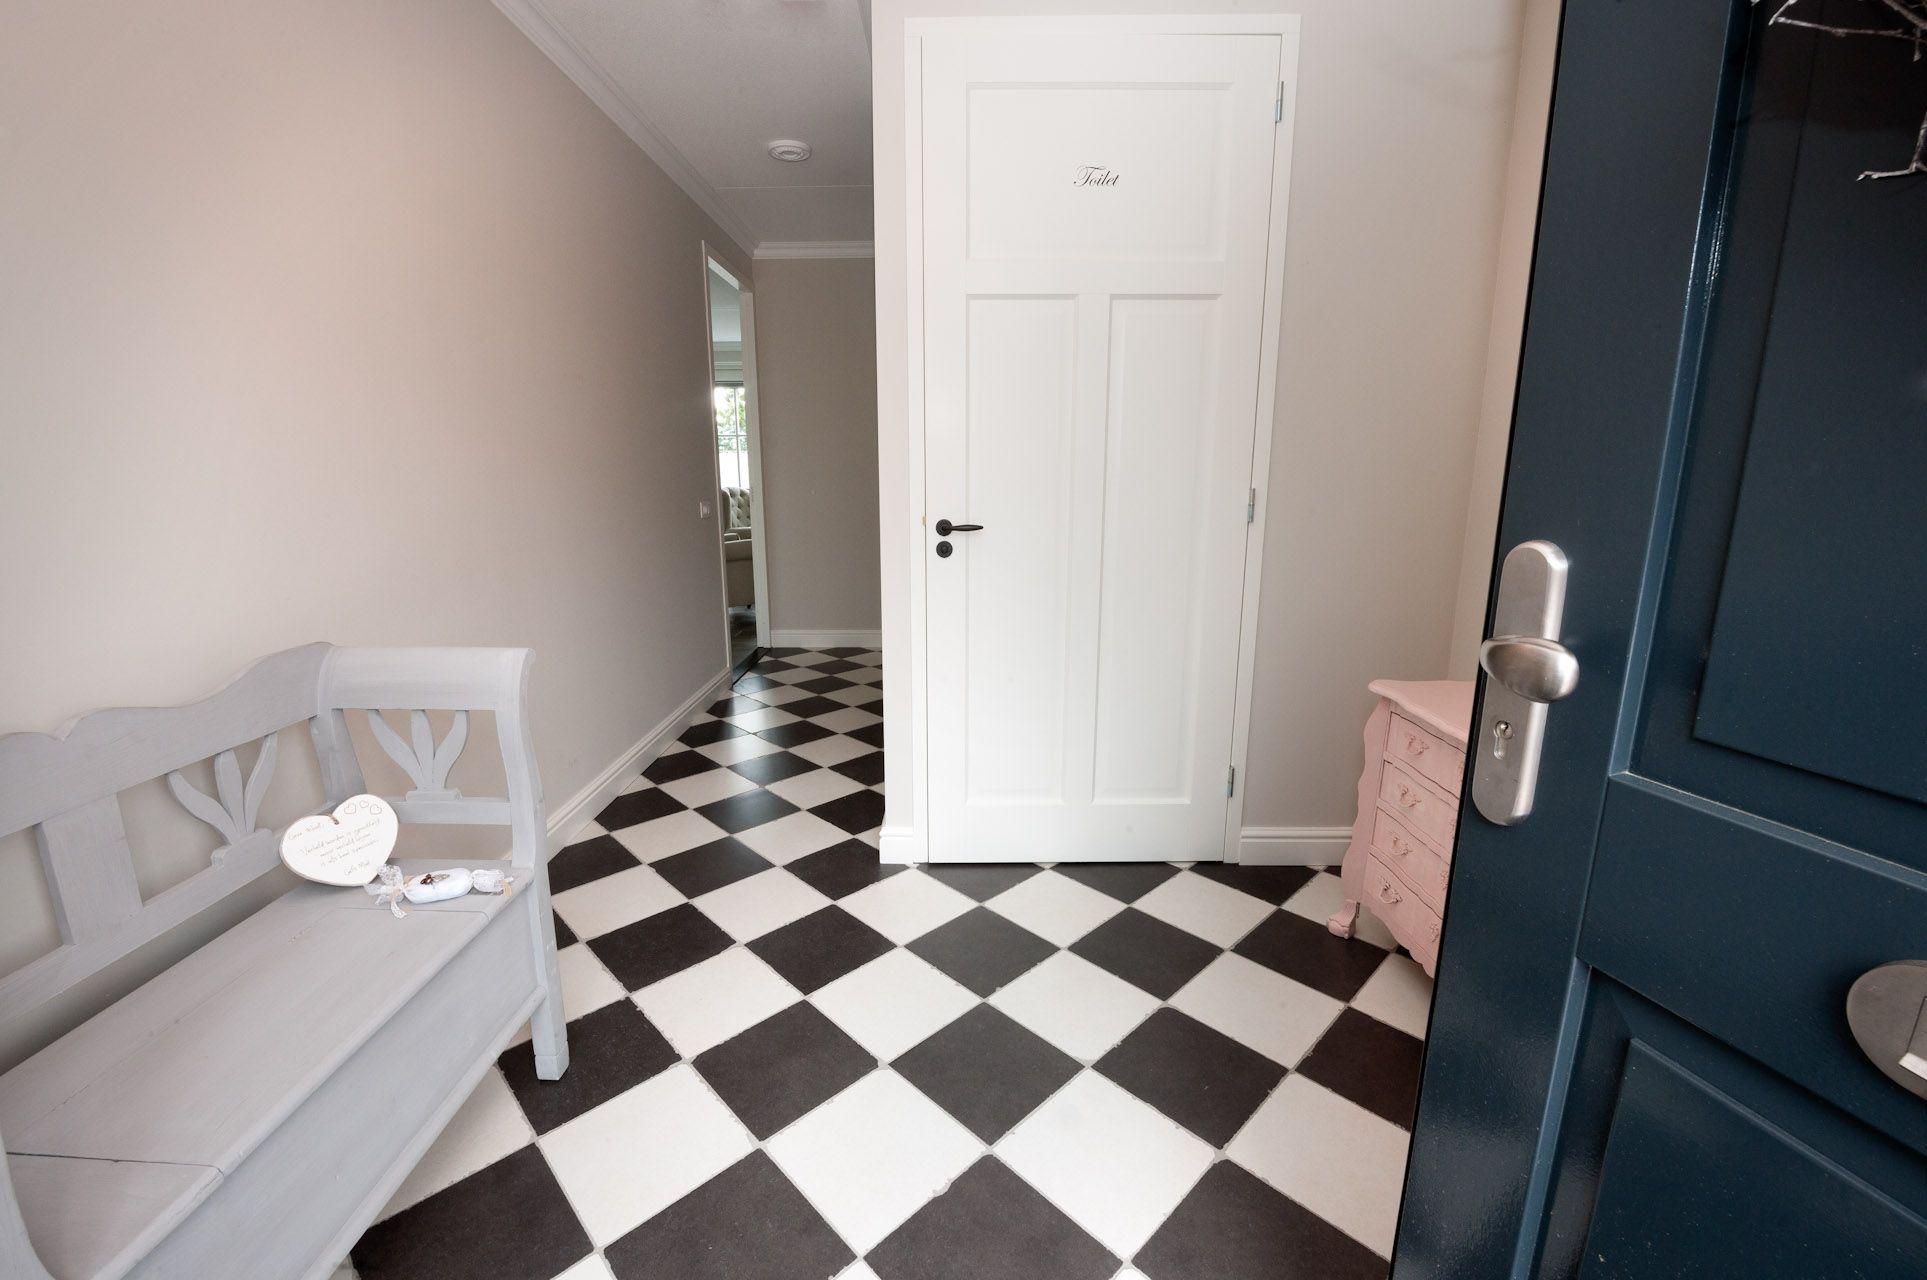 Tegels Voor Hal : Houtlook tegels in woonkamer zwart wit geblokte vloer in hal